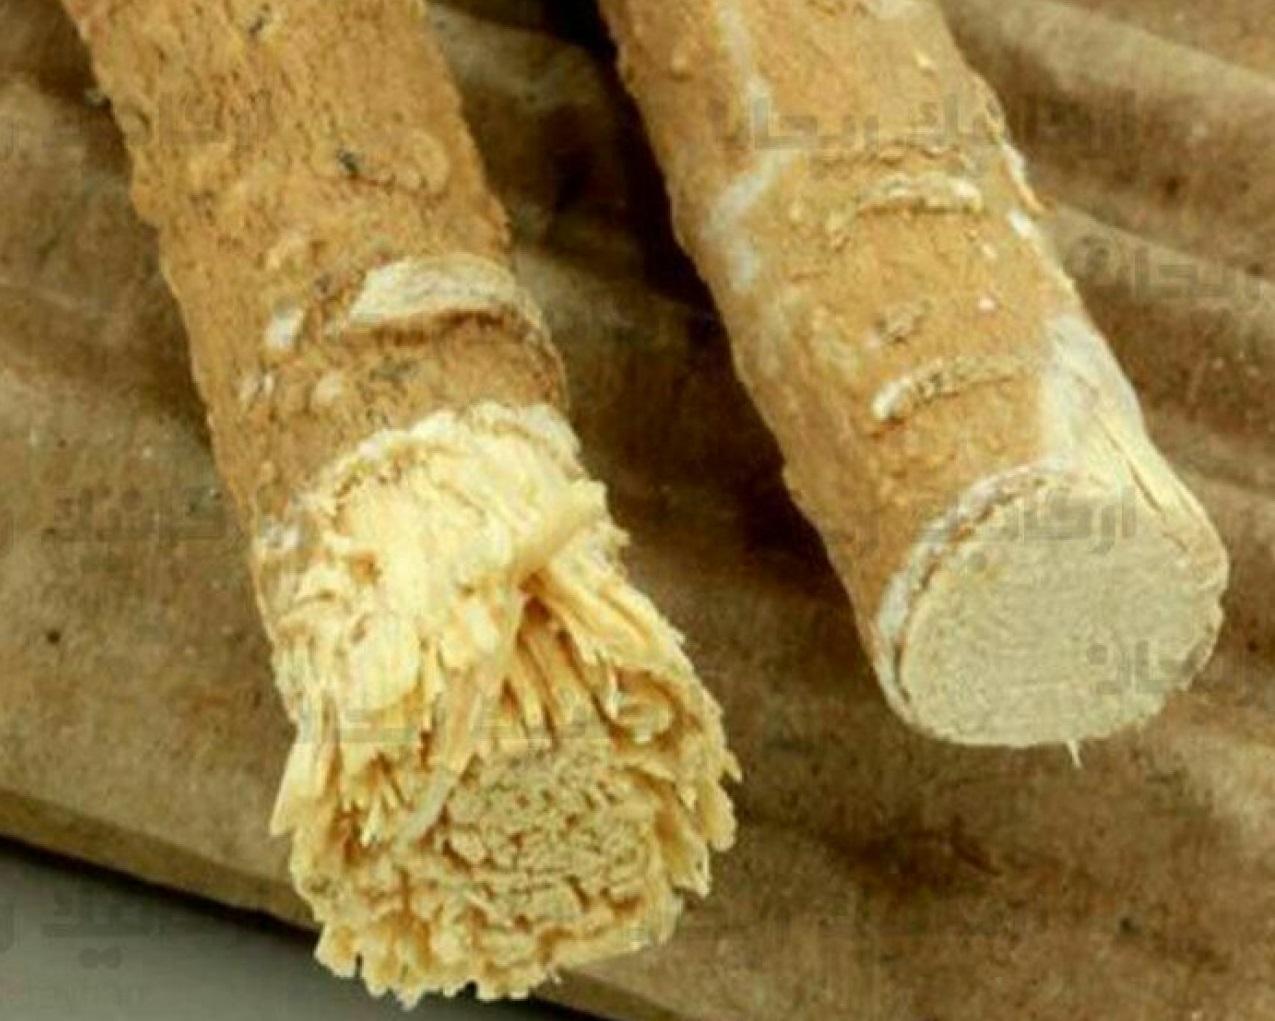 چوب درخت مسواک که در قدیم به عنوان مسواک از آن استفده میشد.